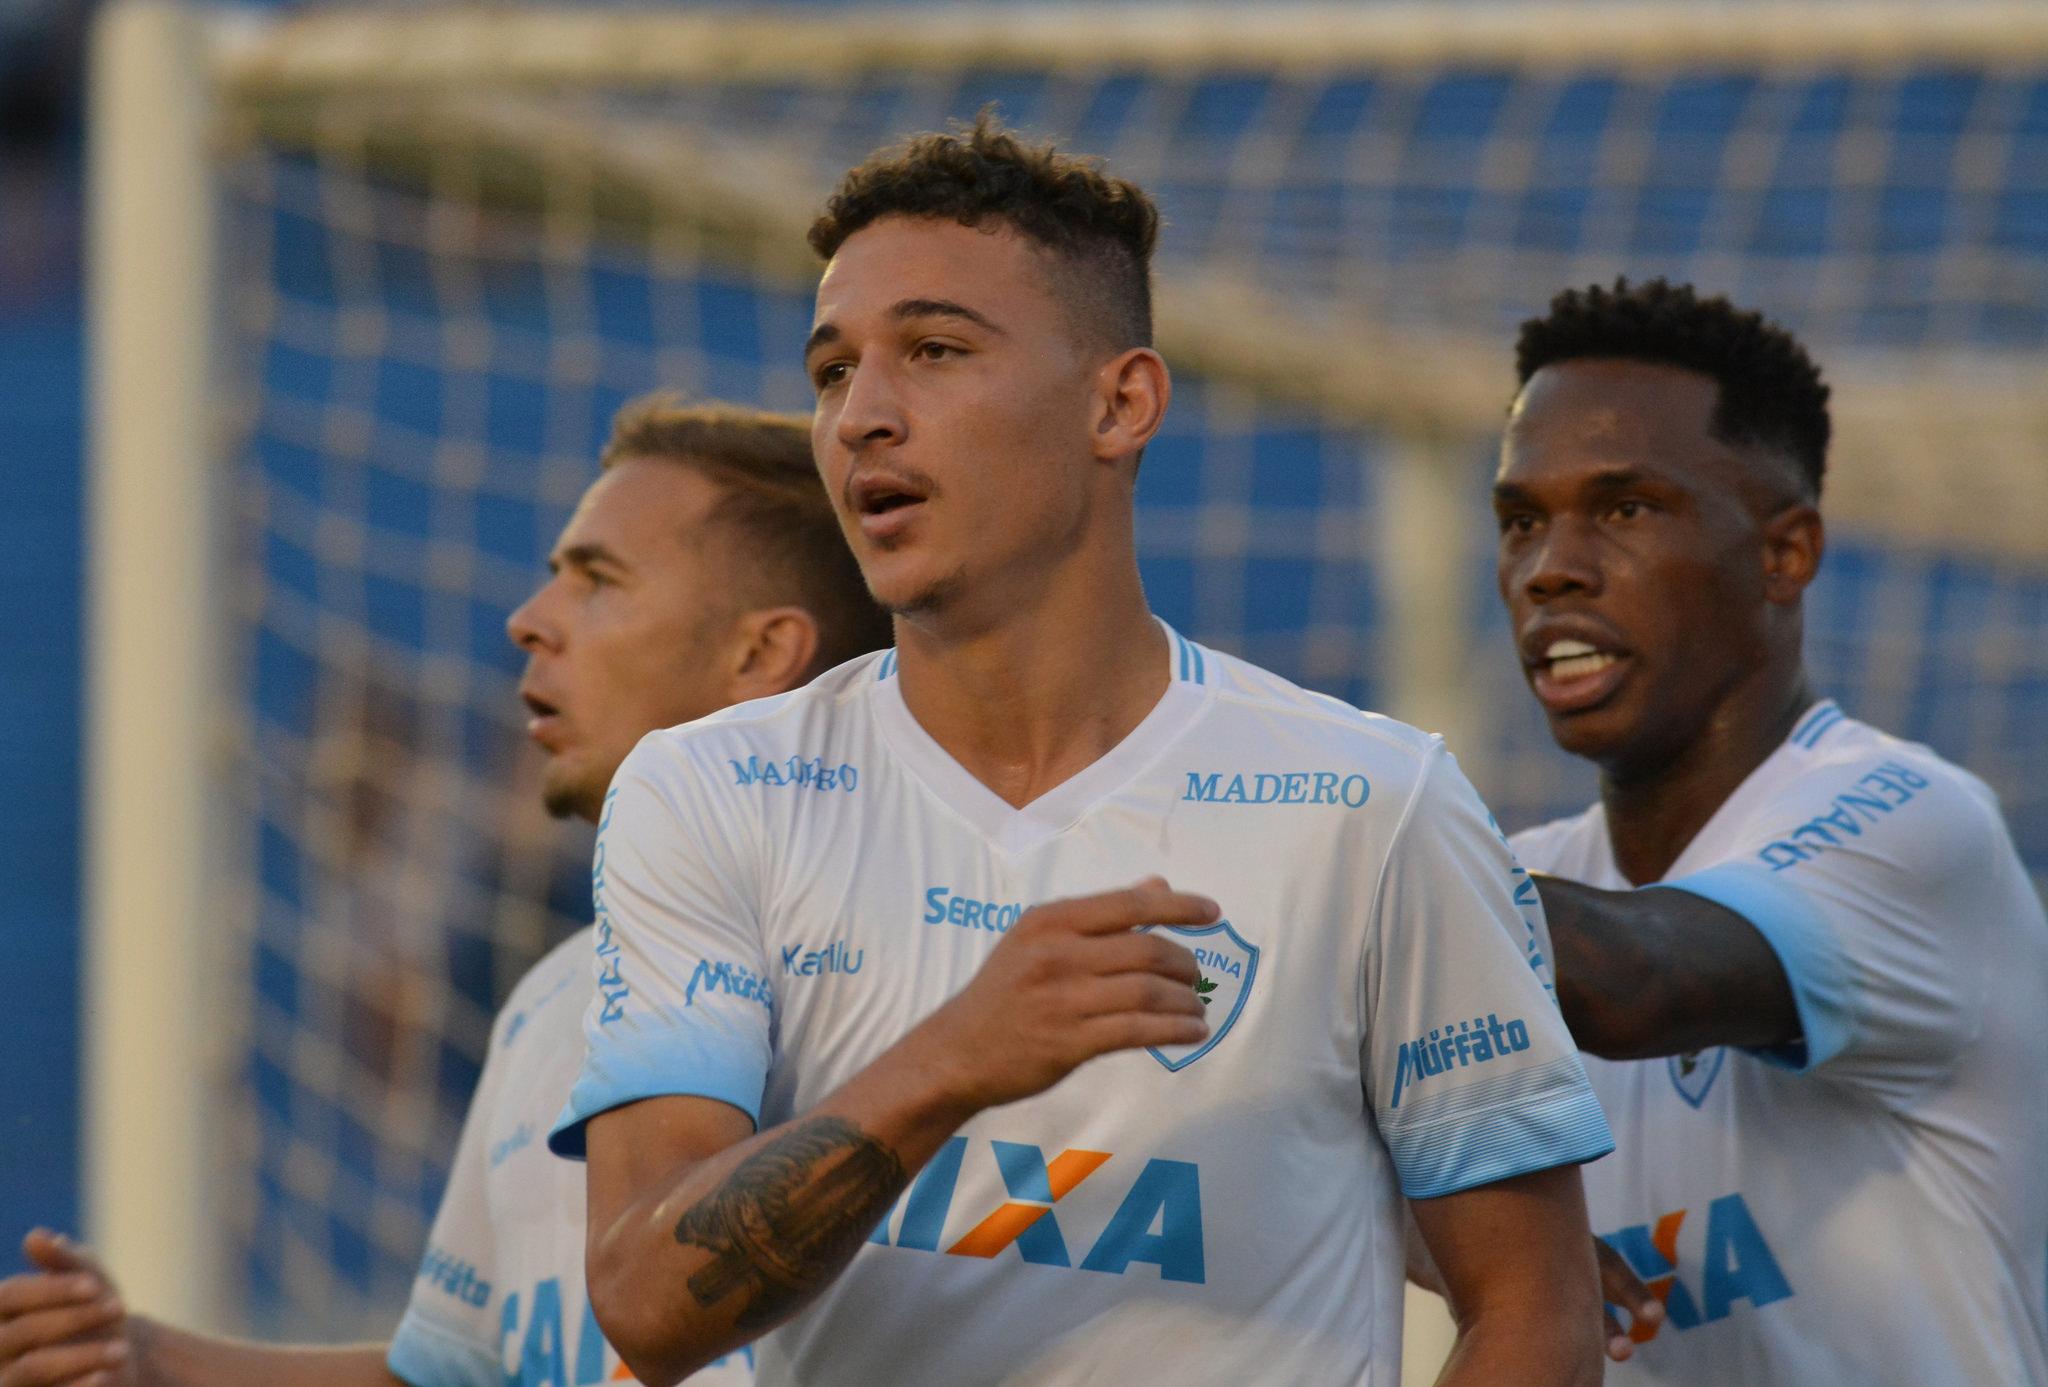 Jogador marcou dois gols importantes nas duas últimas partidas. Foto: Gustavo Oliveira/Londrina Esporte Clube